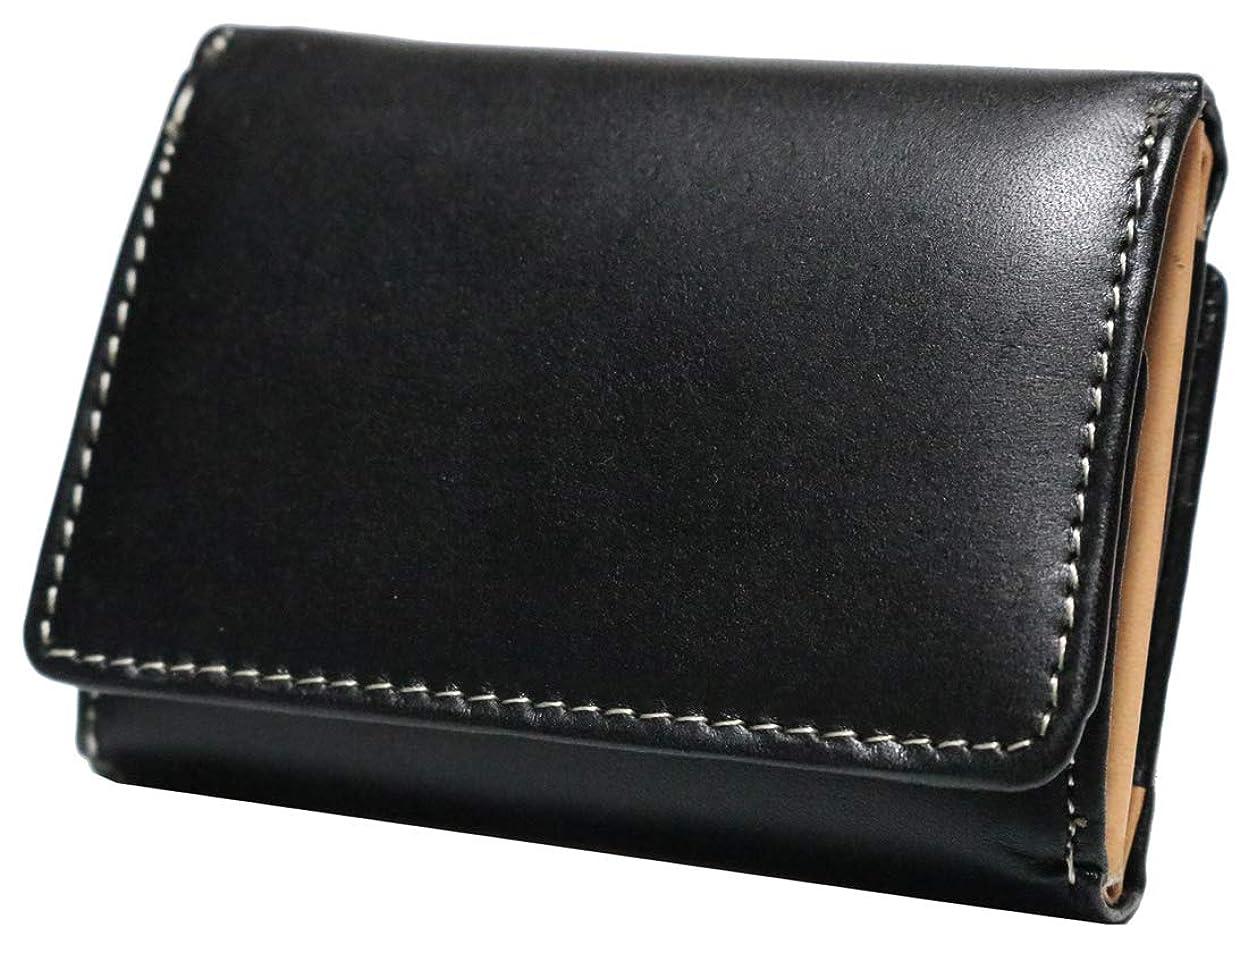 汗特許エロチック上質 栃木レザー 三つ折り財布 コンパクト財布 小さい 薄型 本革 ミニ財布